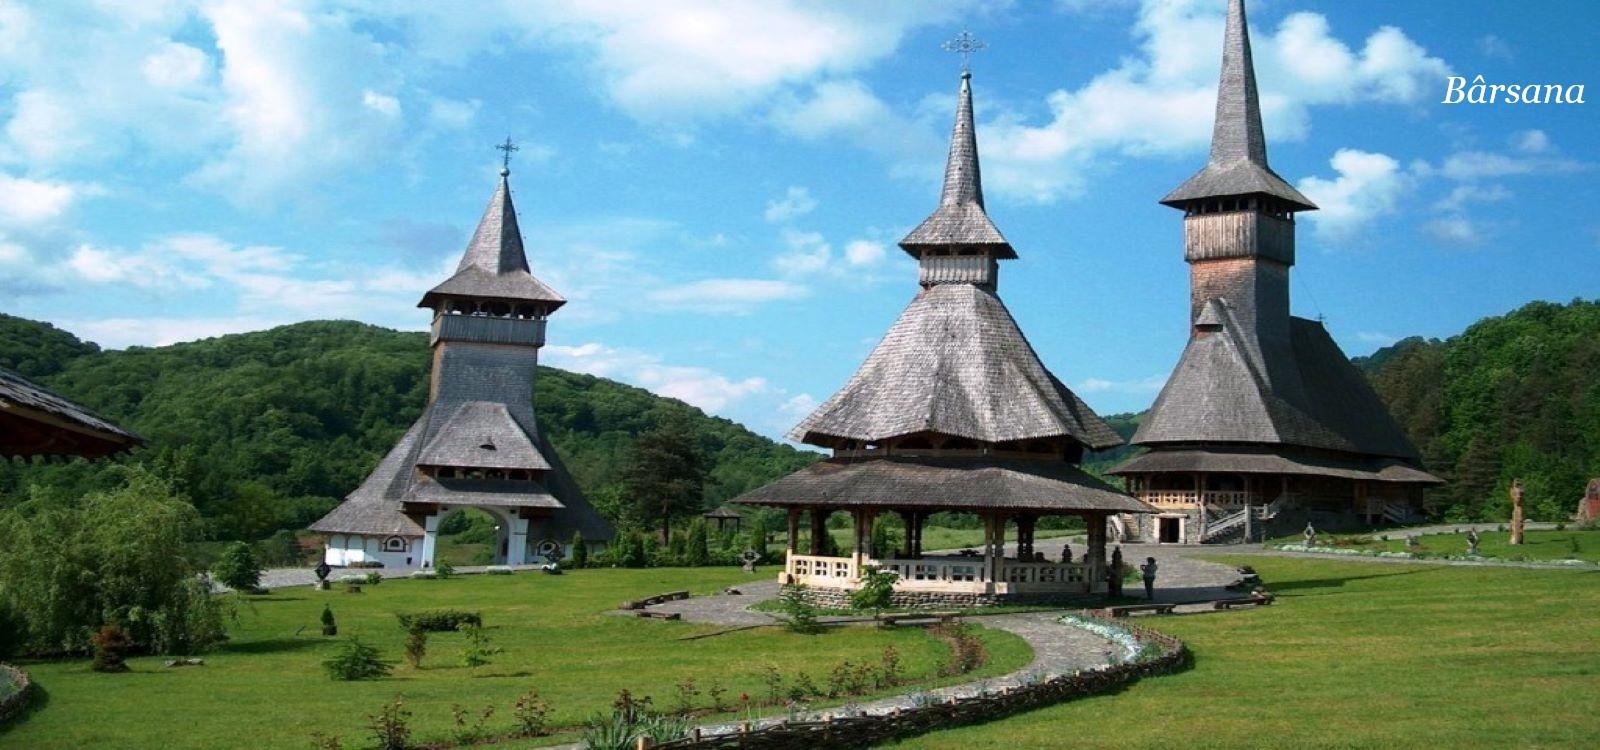 manastirea-barsana